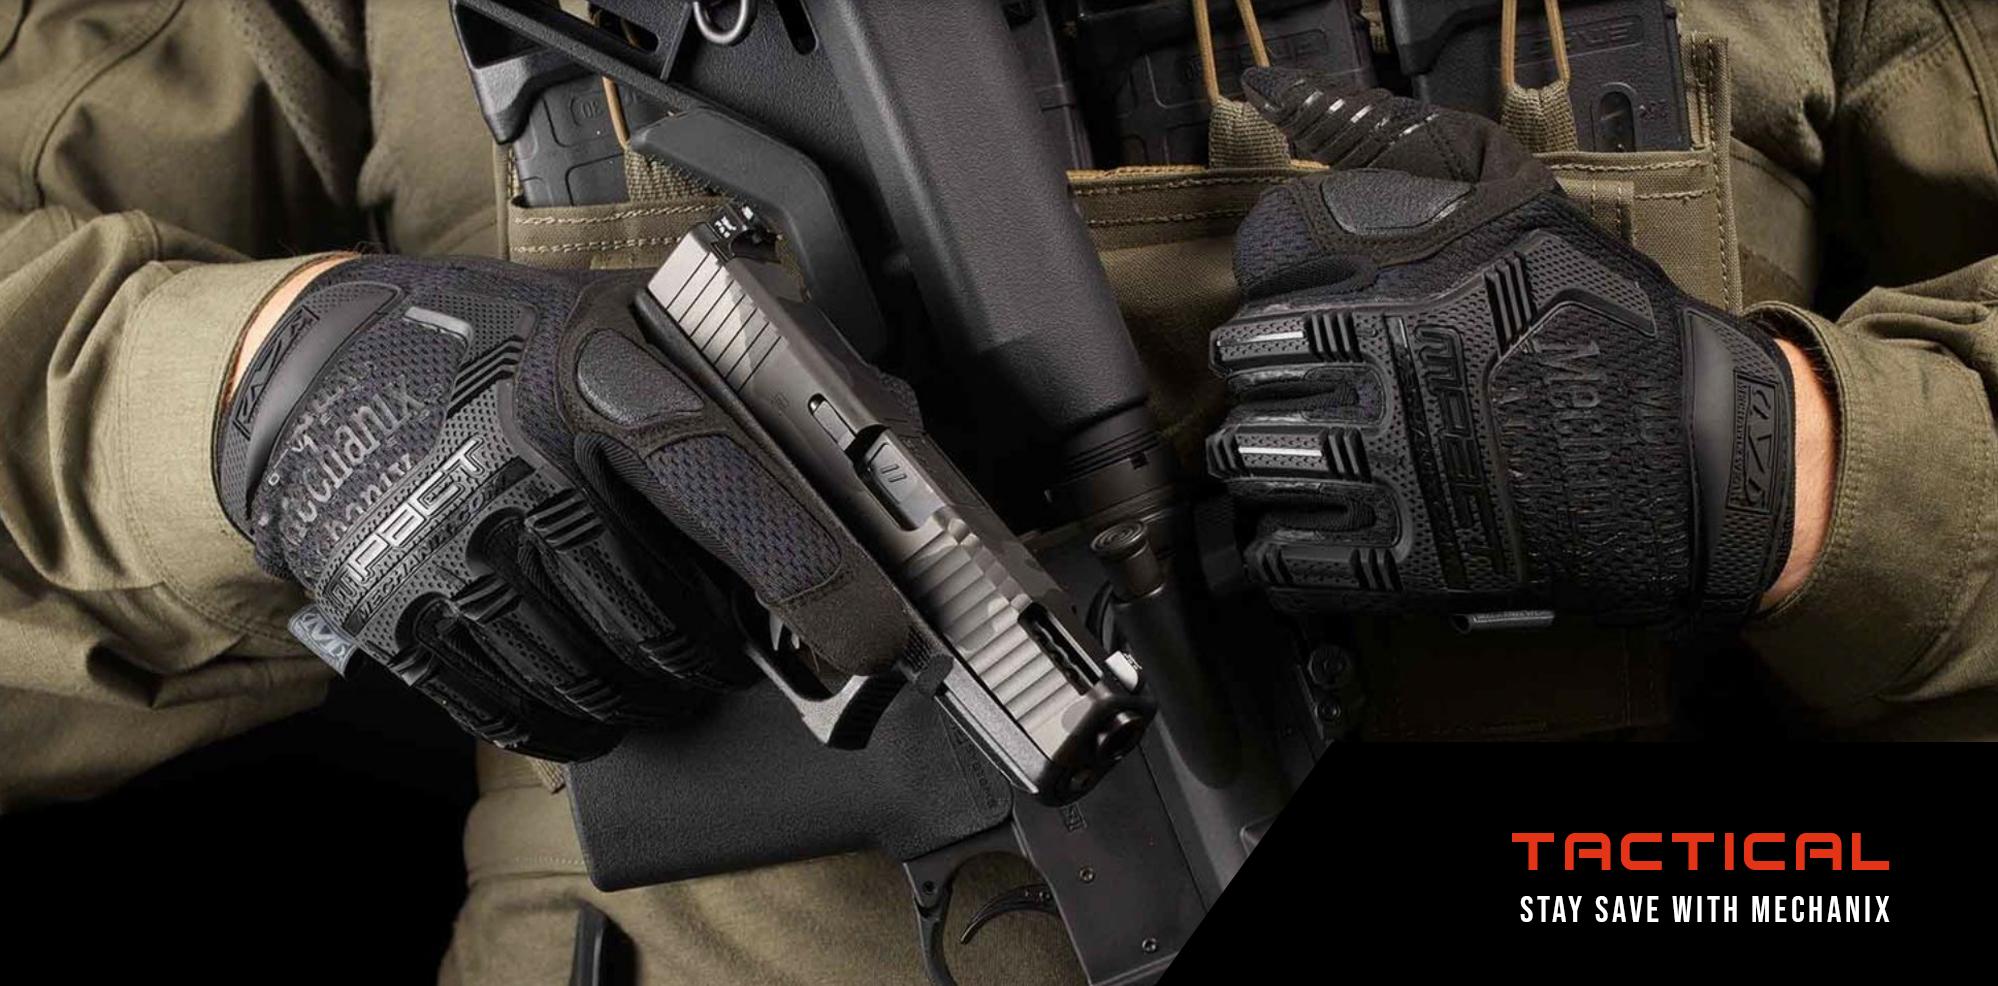 Handschuhe für hohe taktische Anforderungen